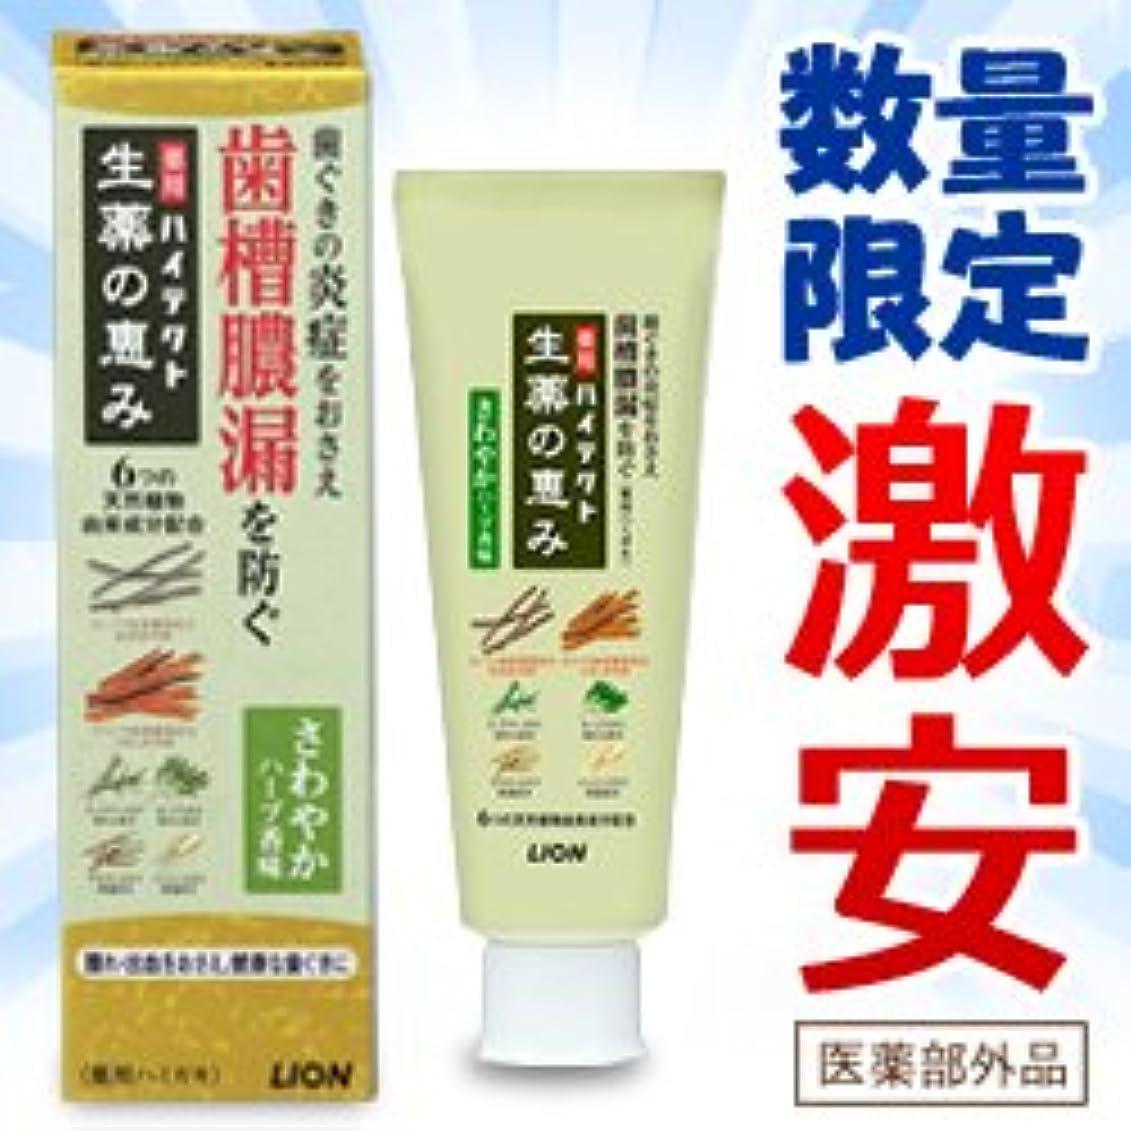 実験回想精神【ライオン】ハイテクト 生薬の恵み さわやかハーブ香味90g×5個セット